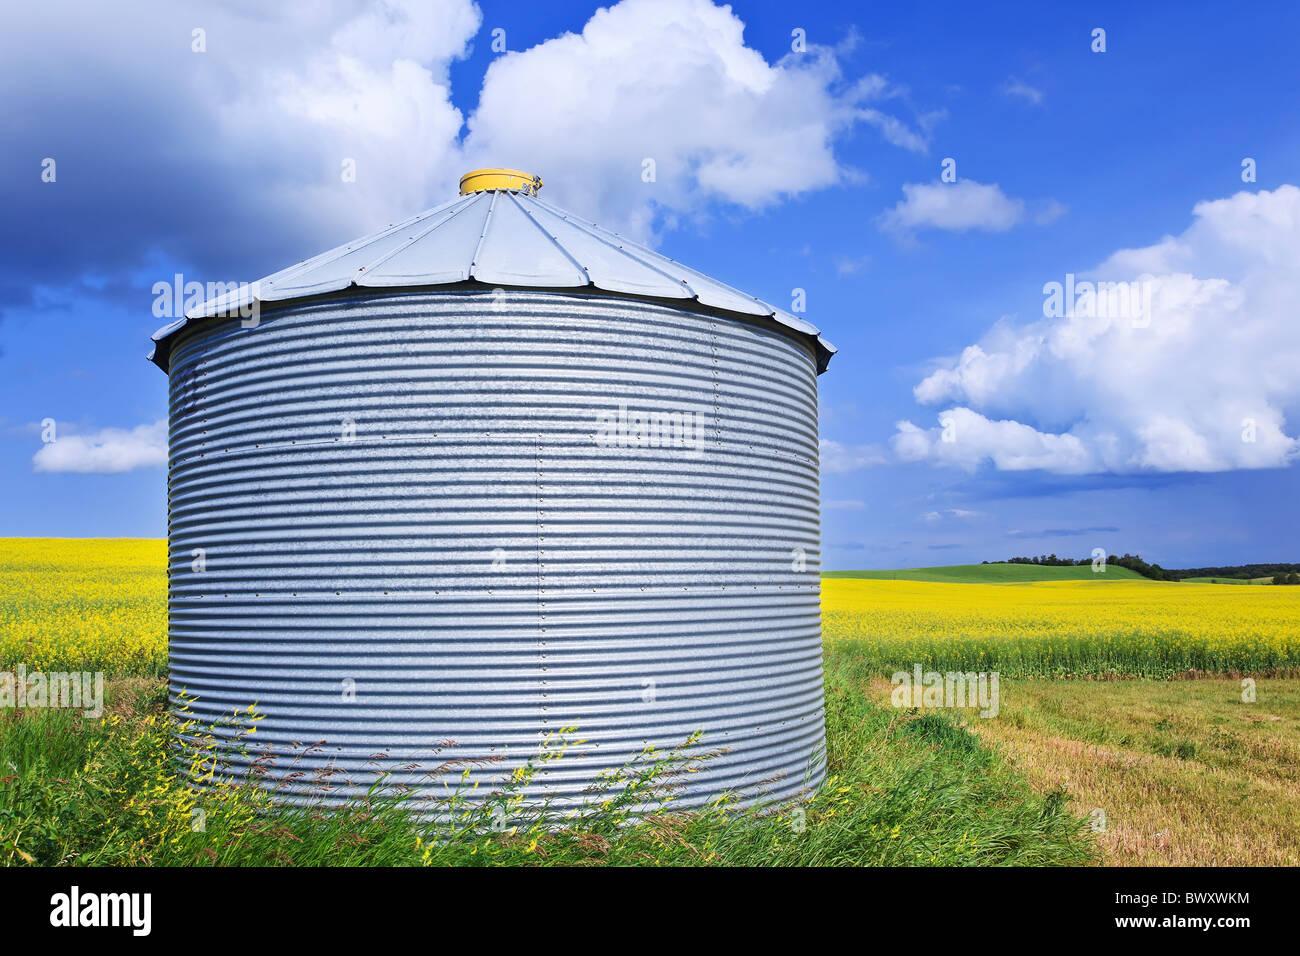 Grain storage silo and canola field.  Pembina Valley, Manitoba, Canada. - Stock Image